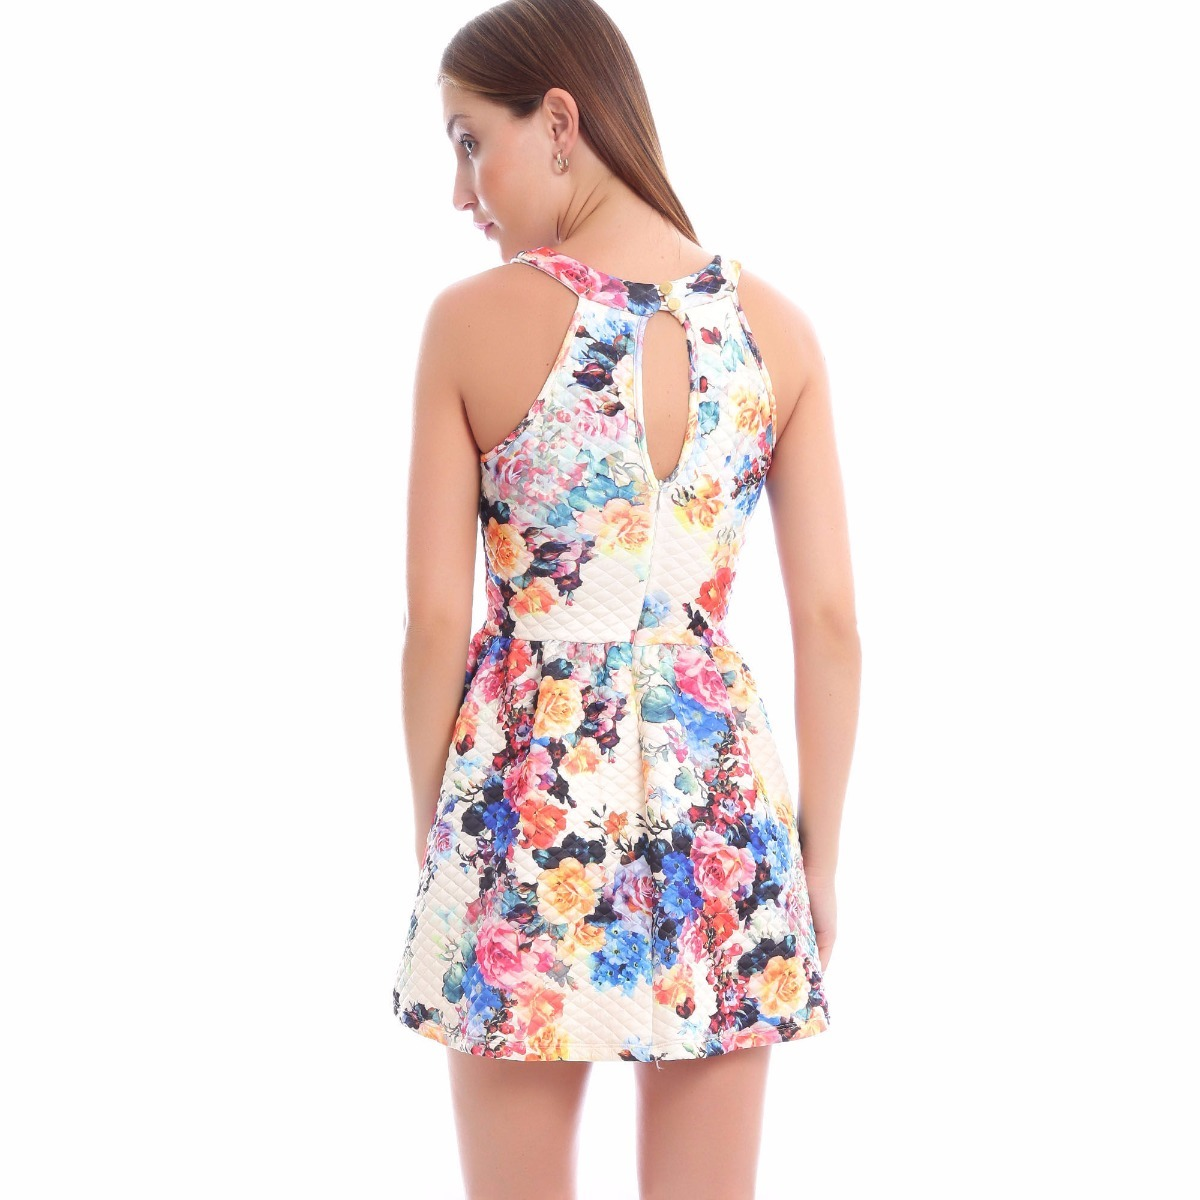 a56ec7c3f Vestido Studio F Flores Escote En Espalda Talla S Único - $ 299.00 ...